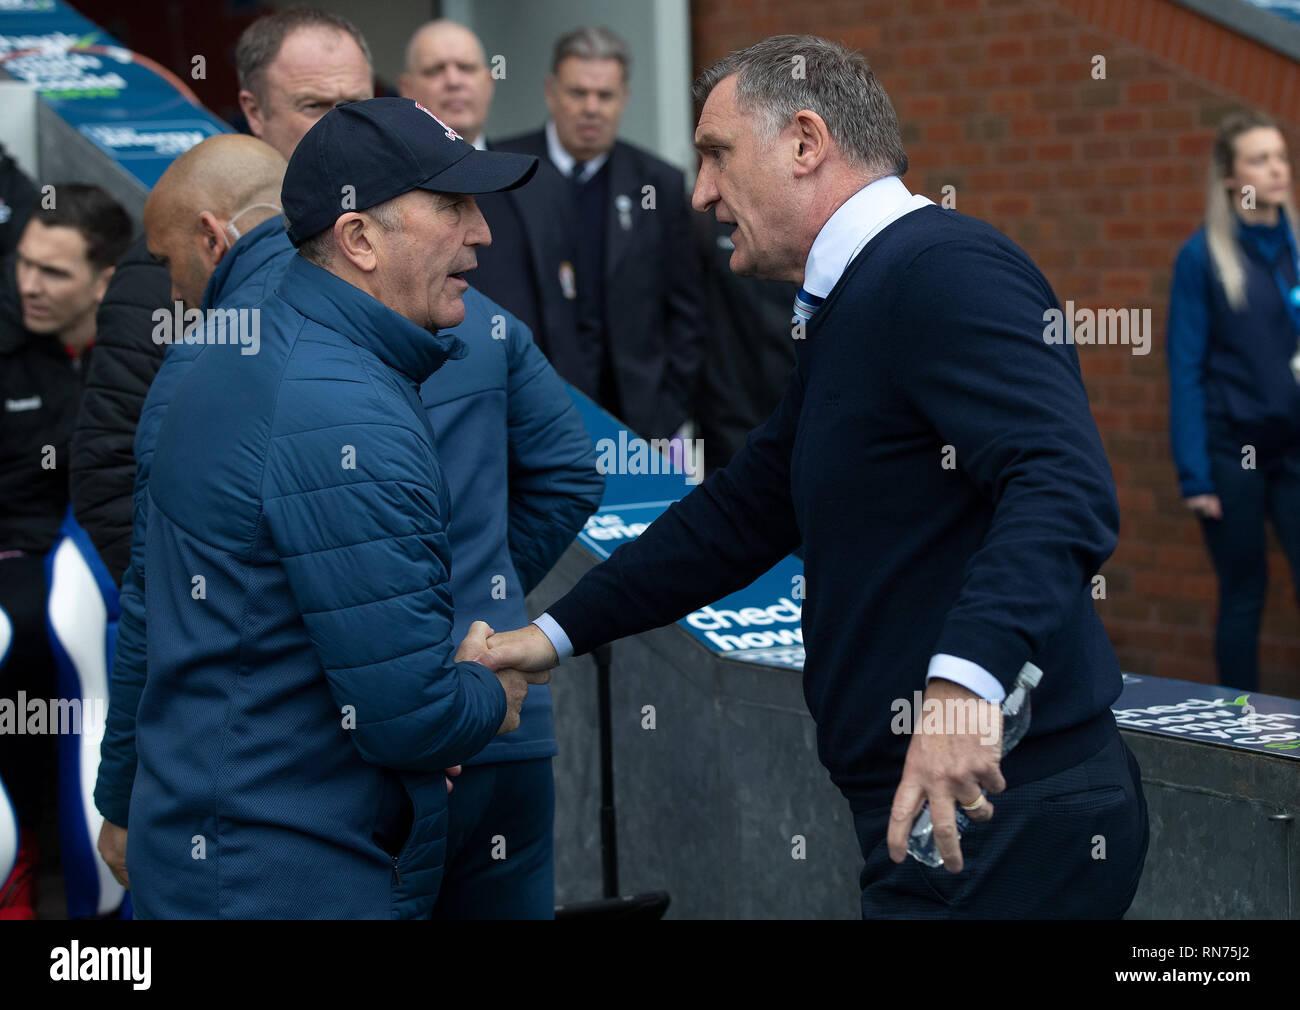 Blackburn Rovers manager Tony Mowbray (right) and